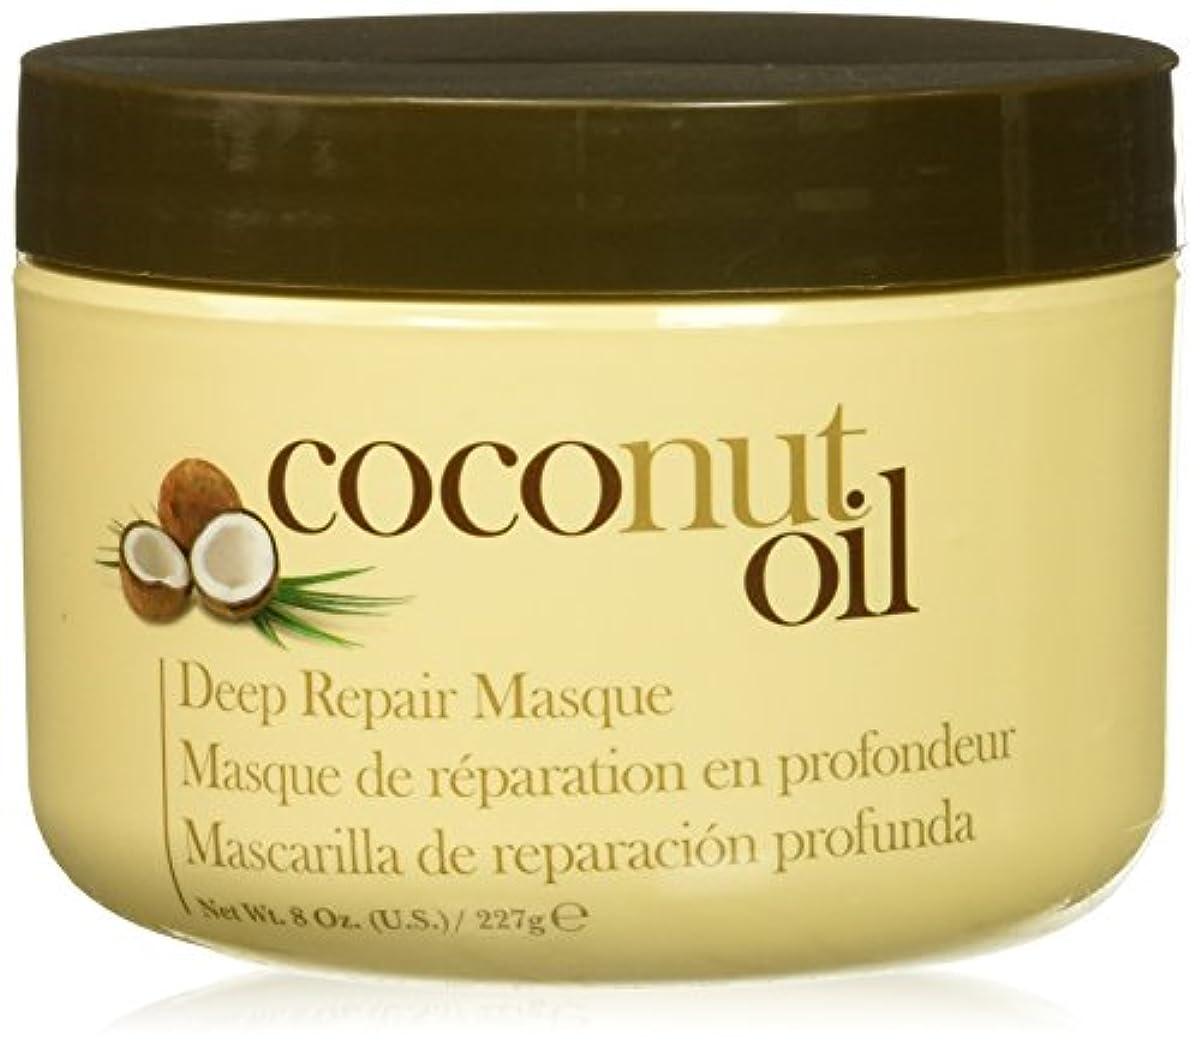 伝記小数止まるHair Chemist ヘアマスク ココナッツ オイル ディープリペアマスク 227g Coconut Oil Deep Repair Mask 1474 New York